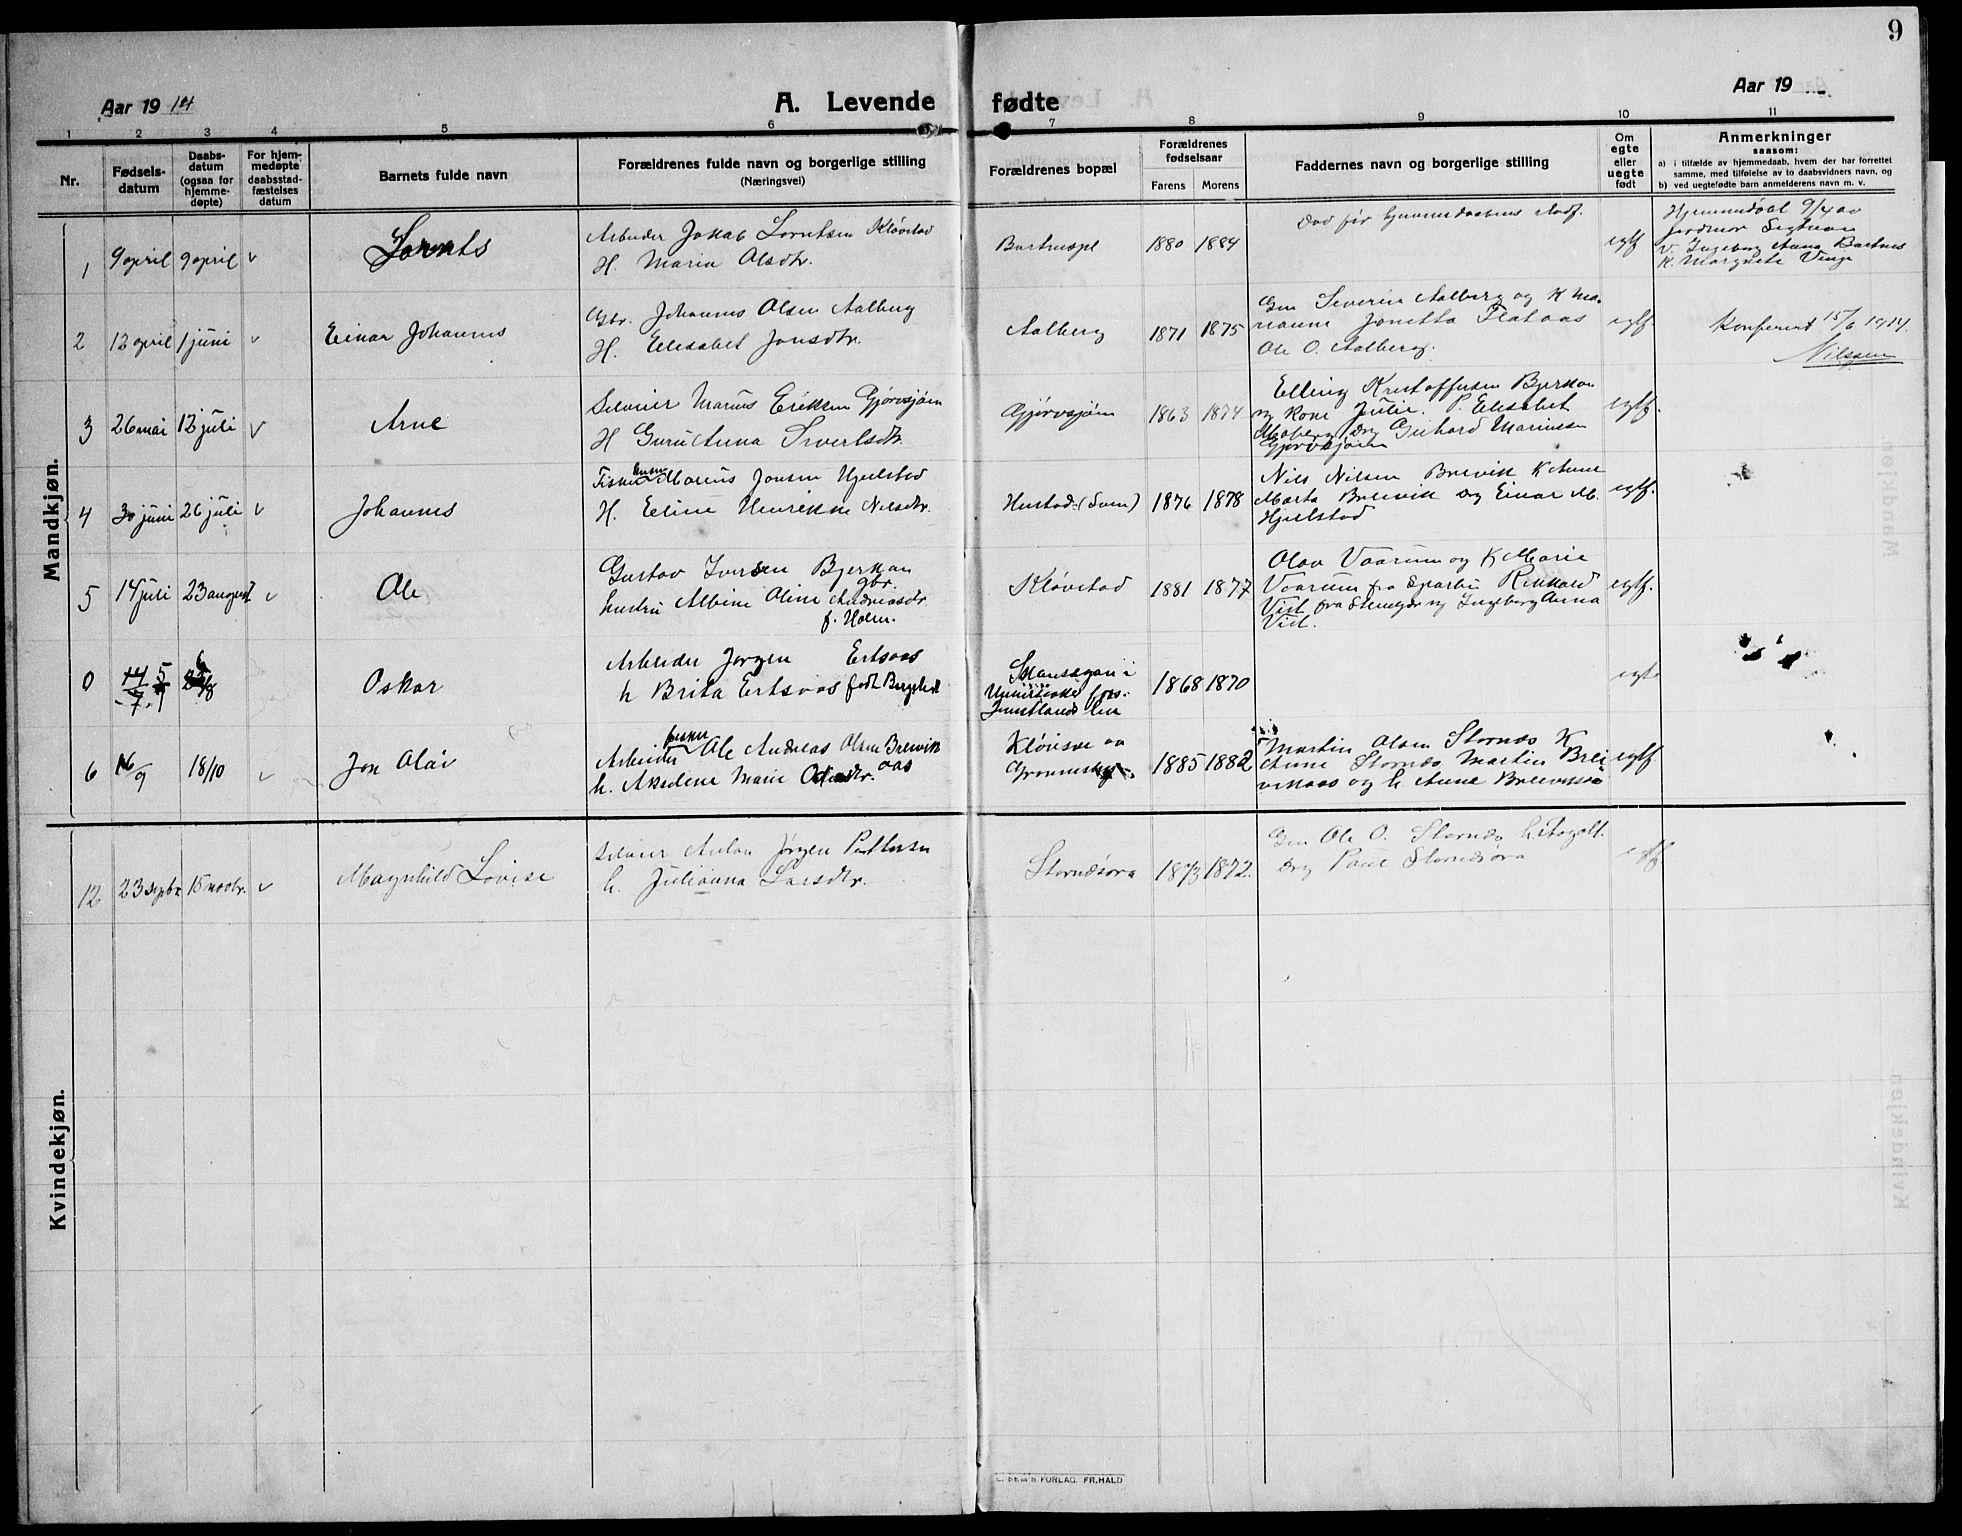 SAT, Ministerialprotokoller, klokkerbøker og fødselsregistre - Nord-Trøndelag, 732/L0319: Klokkerbok nr. 732C03, 1911-1945, s. 9